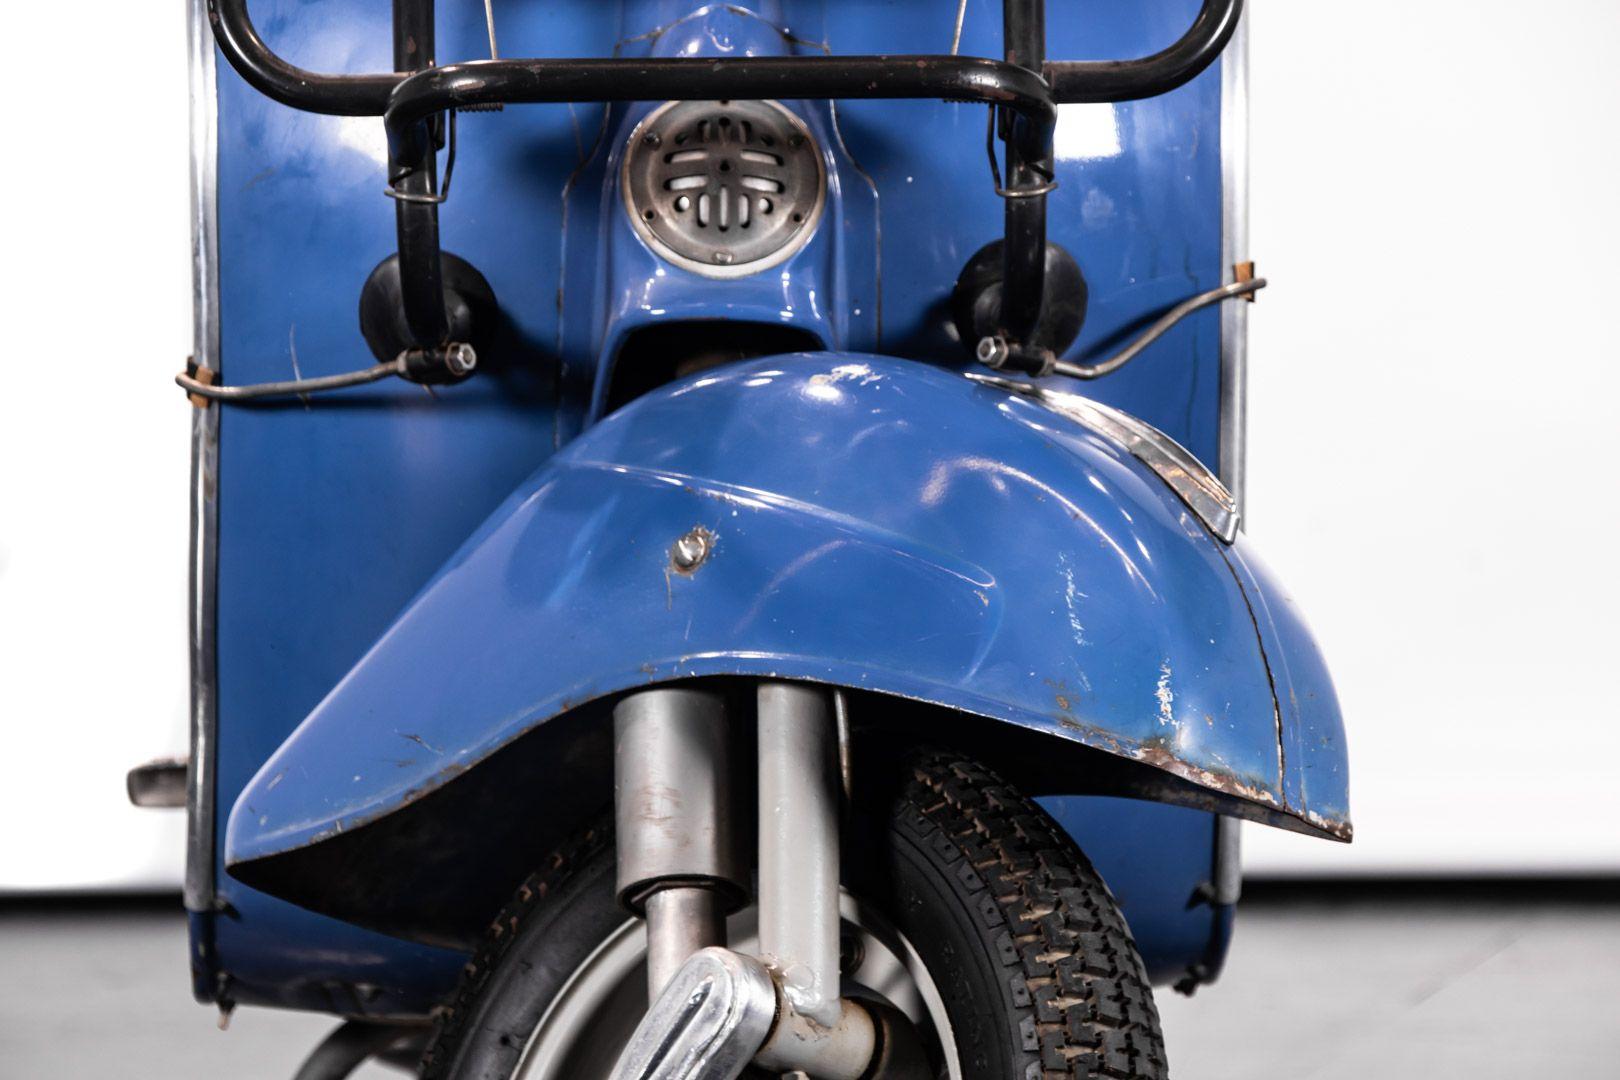 1974 Piaggio Vespa 50 3 marce 83504